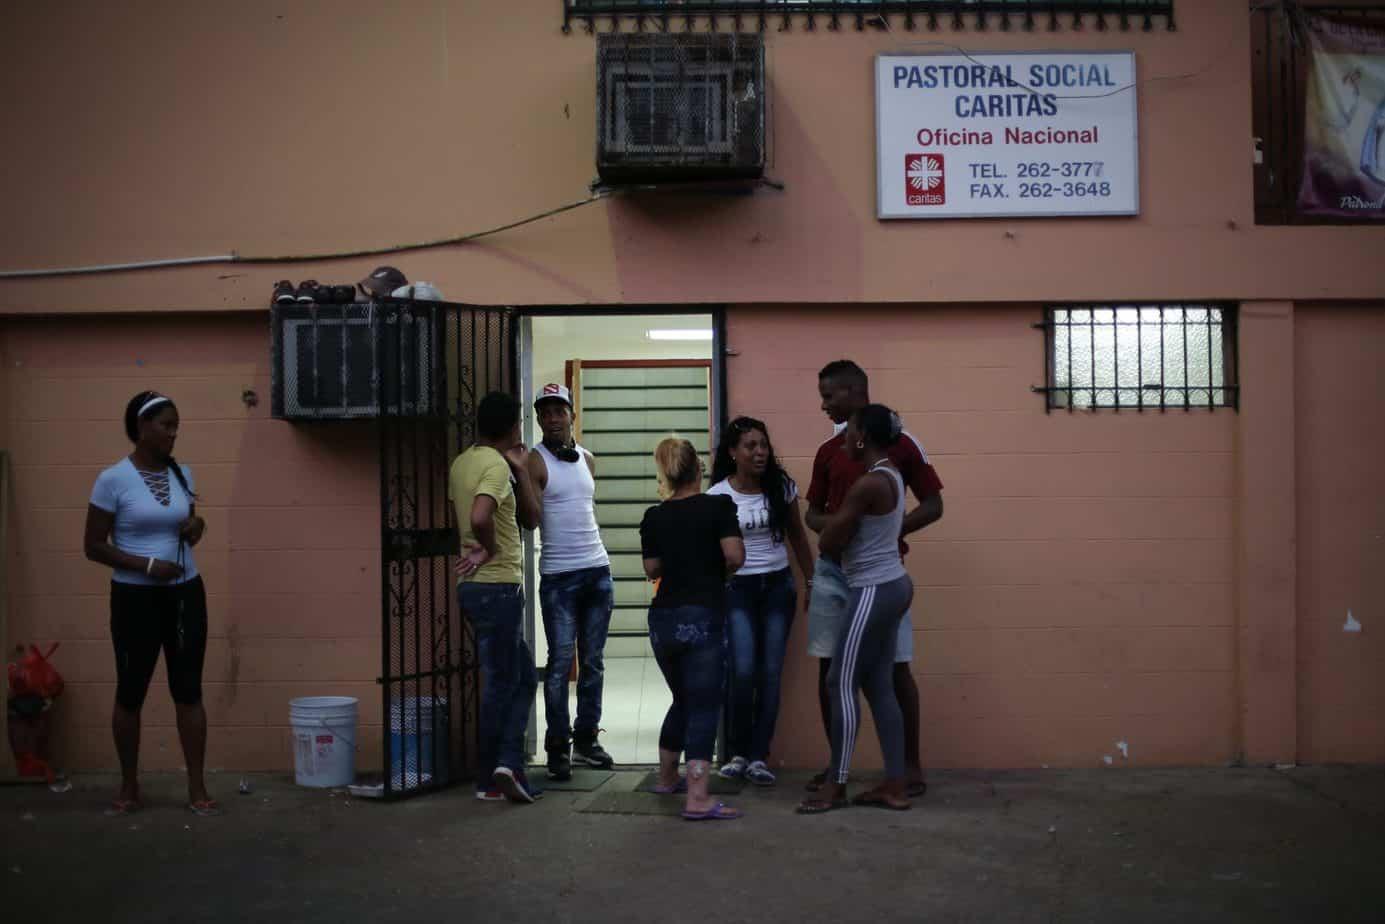 Cubanos varados en Panamá se niegan a moverse a nuevo albergue